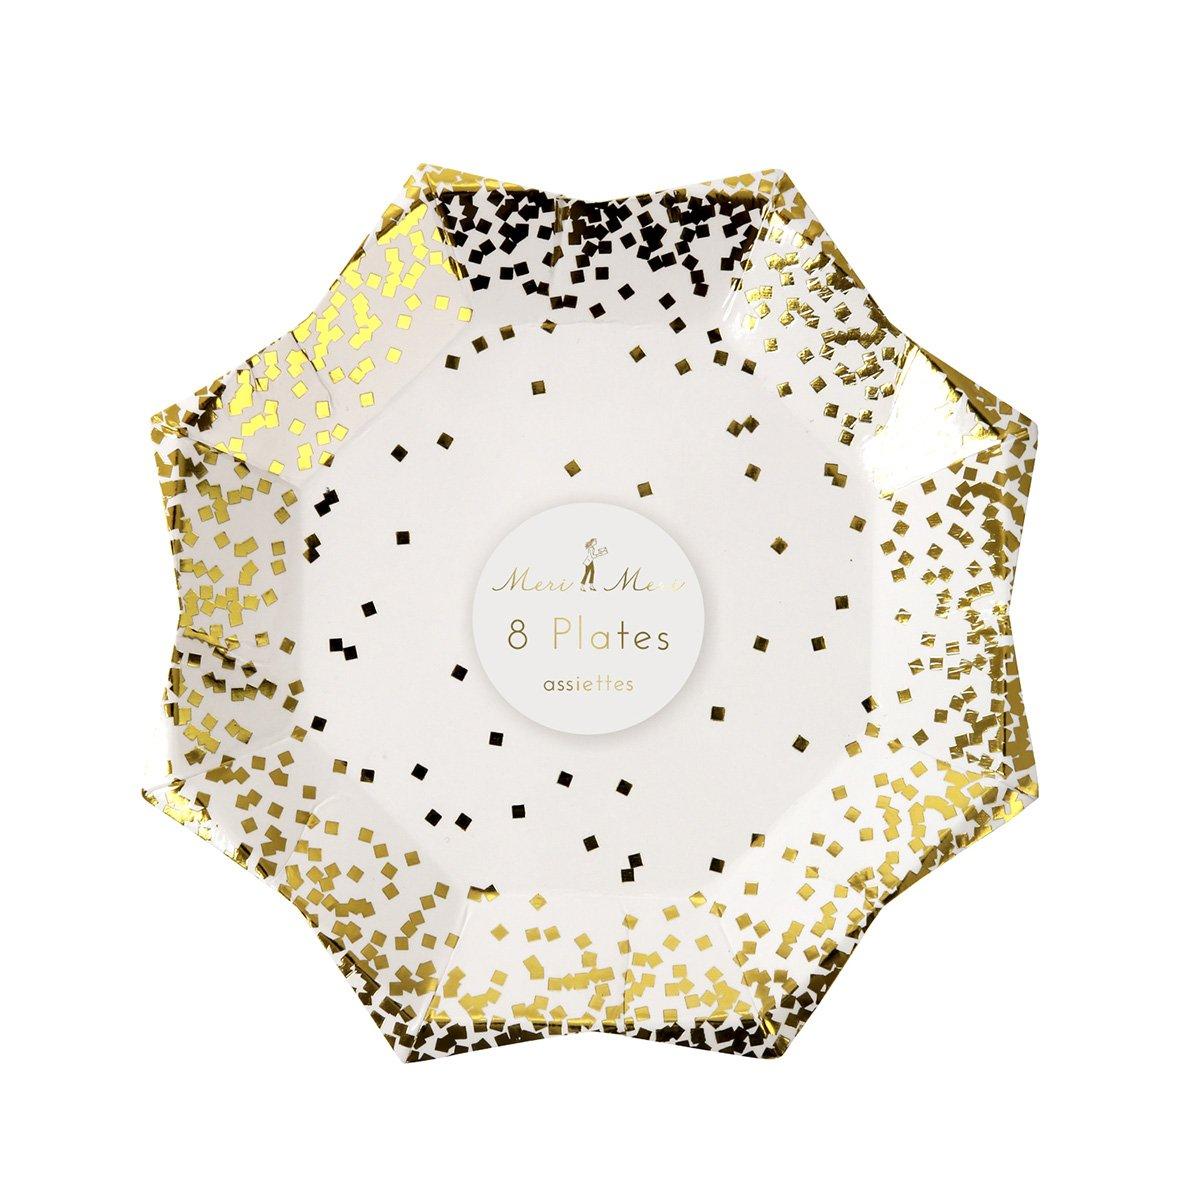 8 kleine weihnachtliche Pappteller mit Gold Konfetti verziert Meri Meri